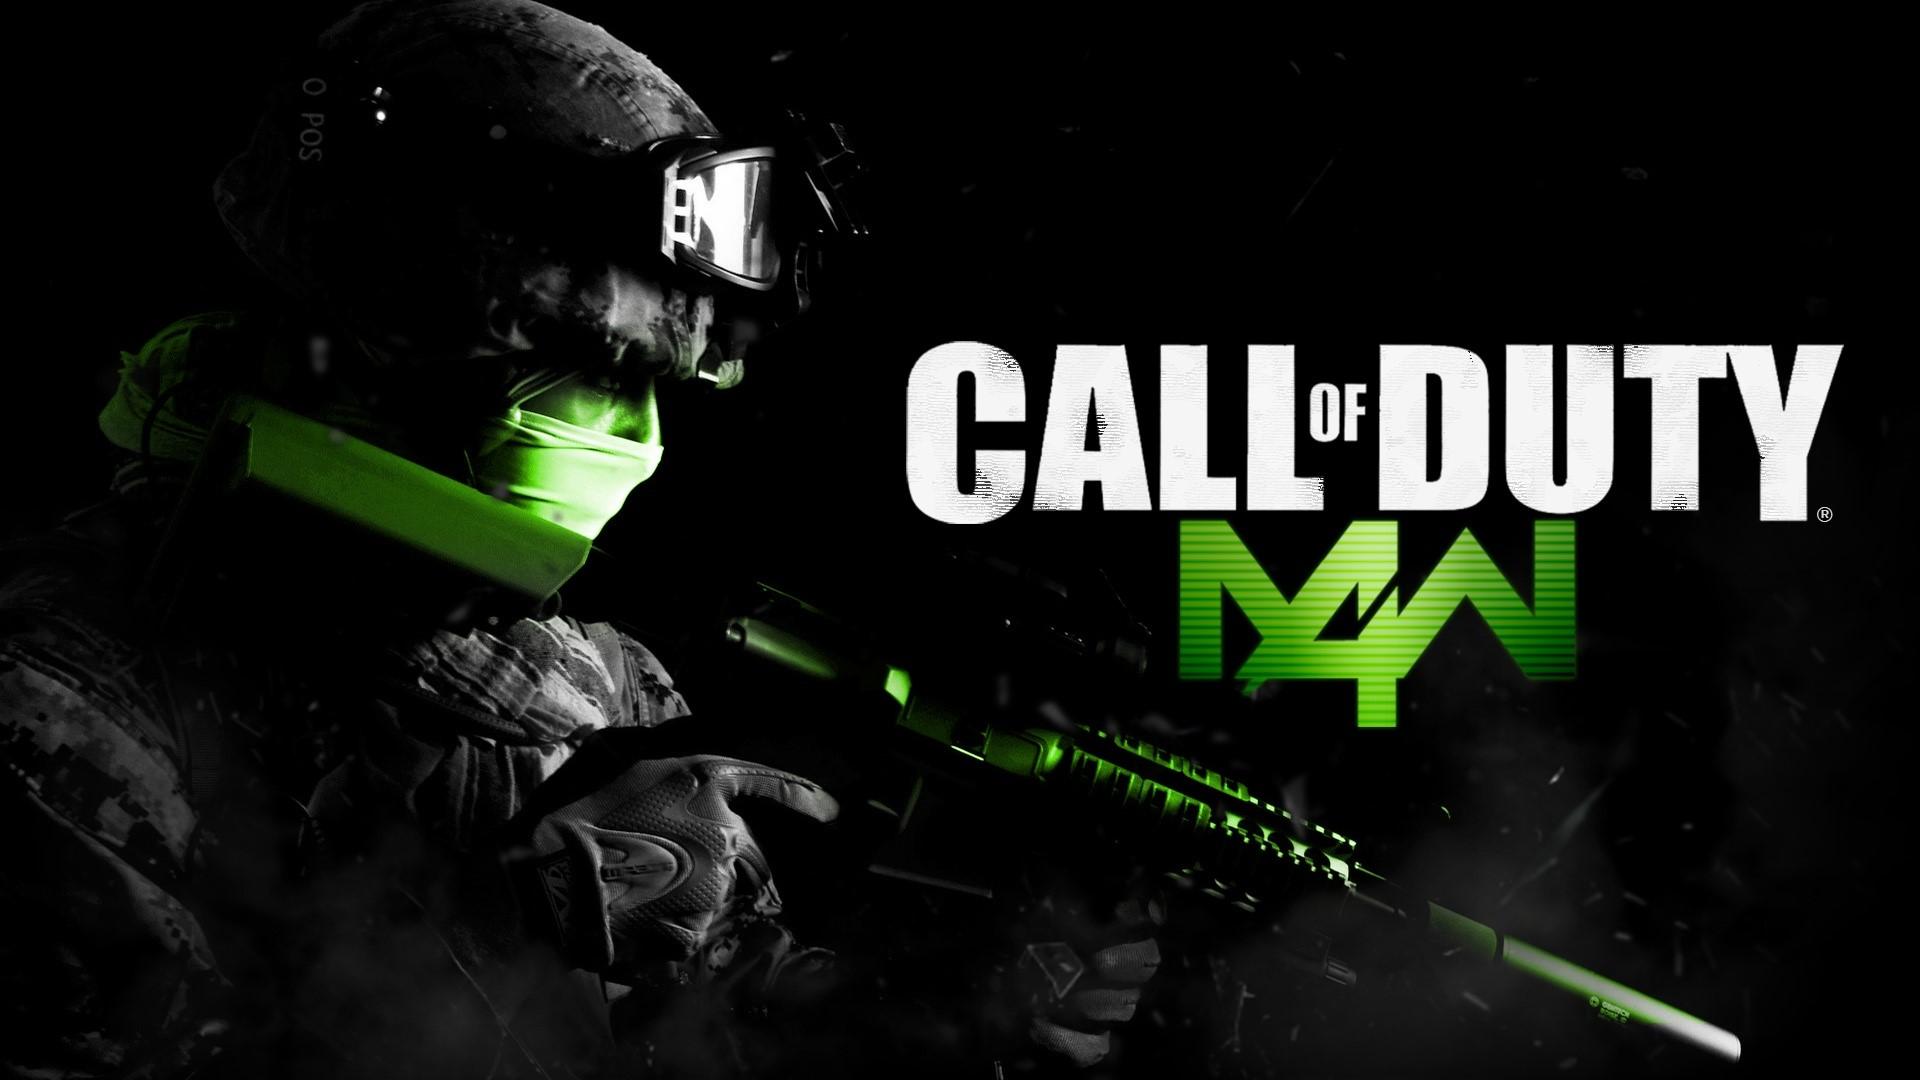 کال آو دیوتی بعدی با پسوند Modern Warfare عرضه خواهد شد